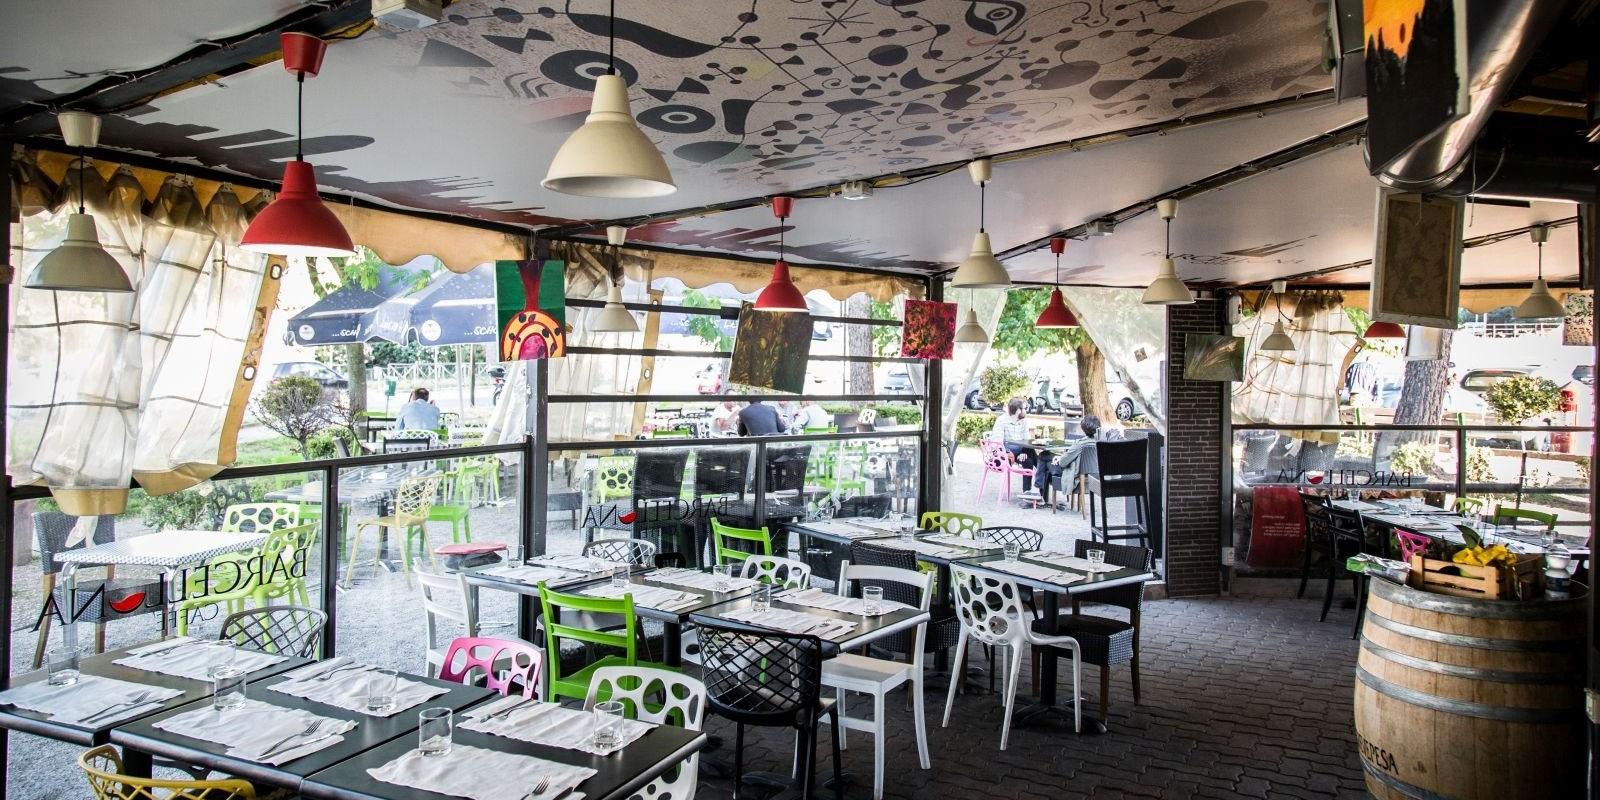 15 ristoranti dove mangiare all aperto a roma for Cucine all aperto